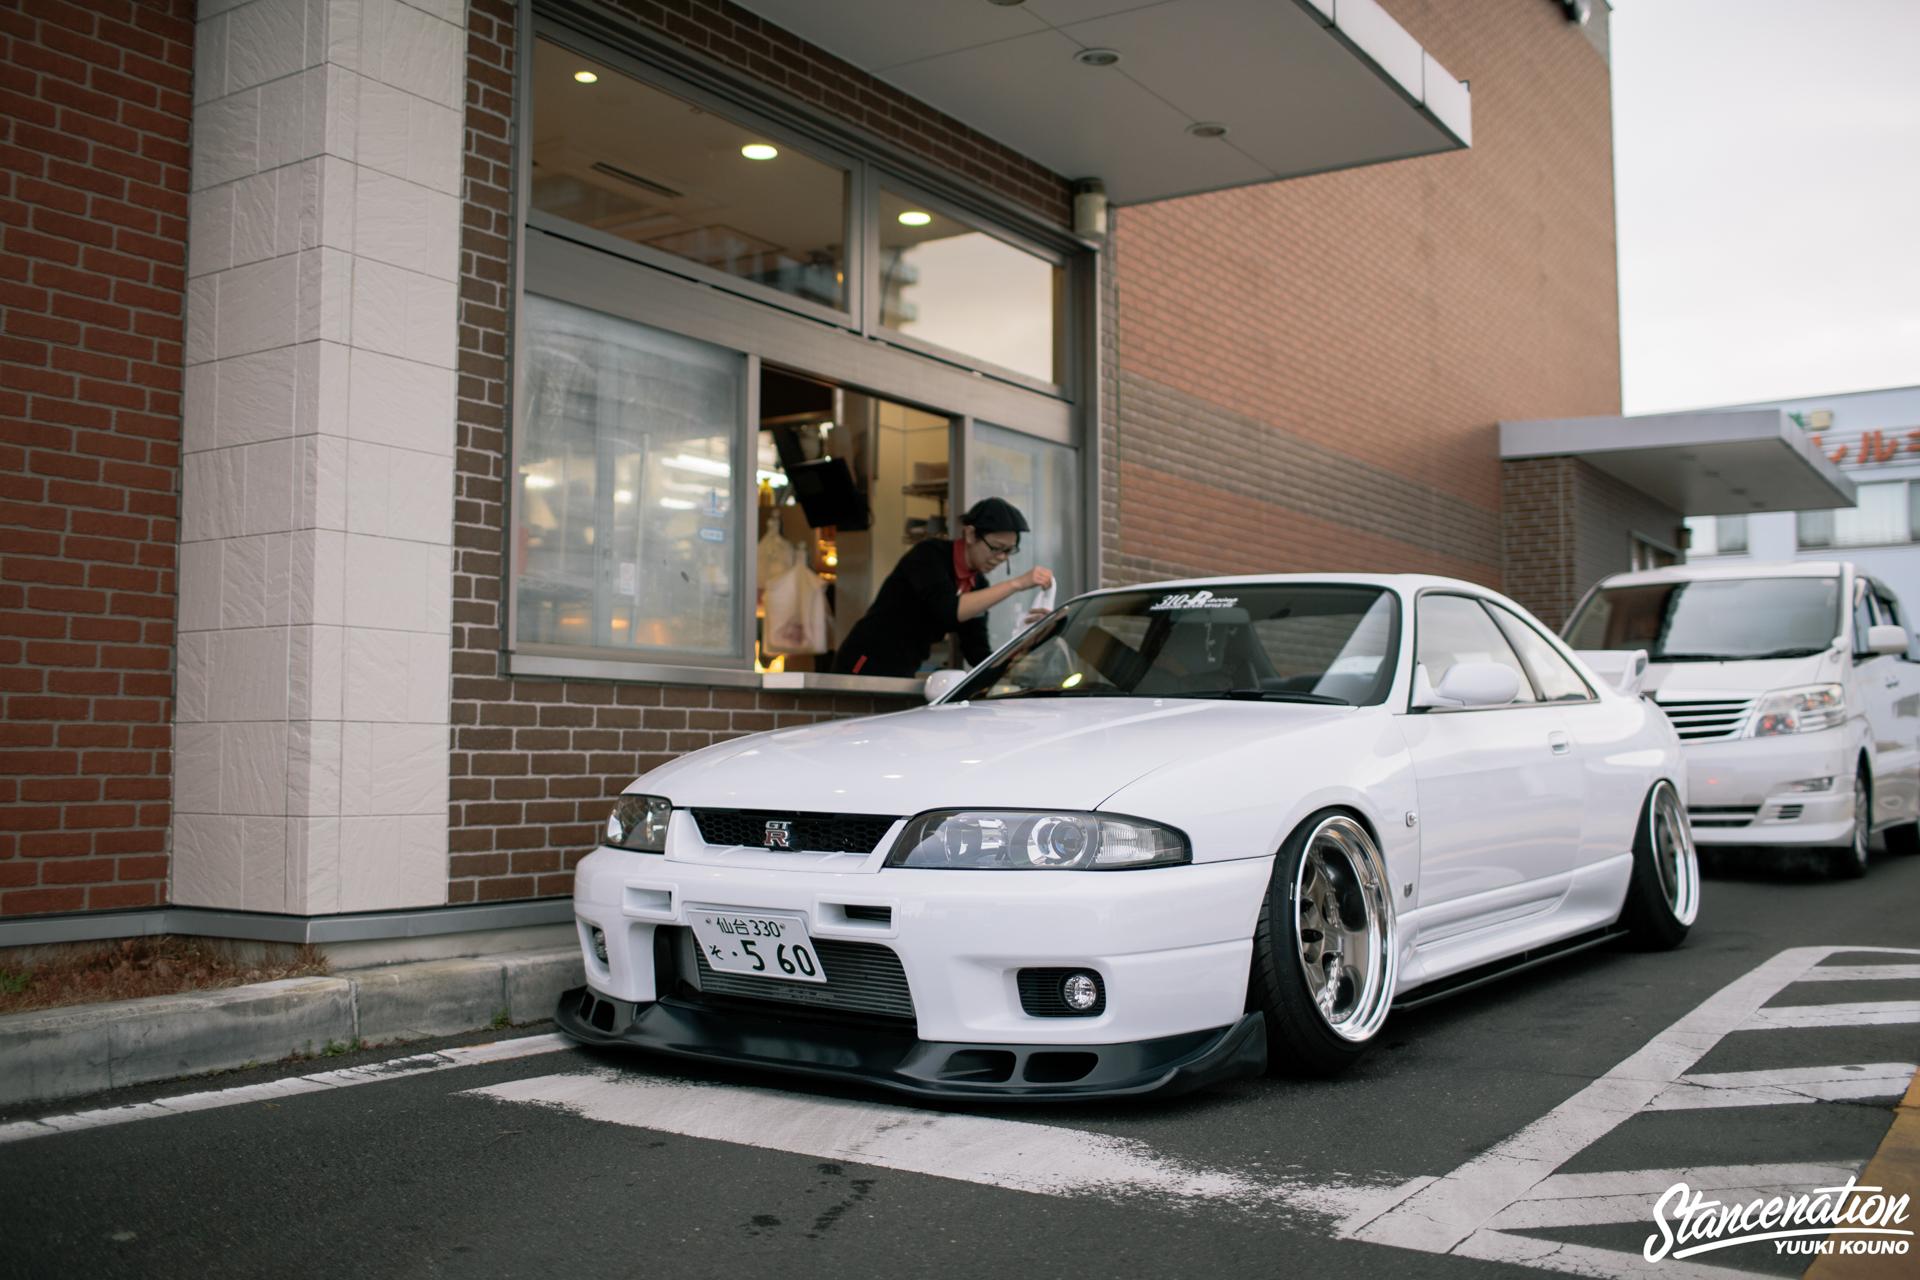 Гордость Японии - белоснежный Nissan Skyline R33